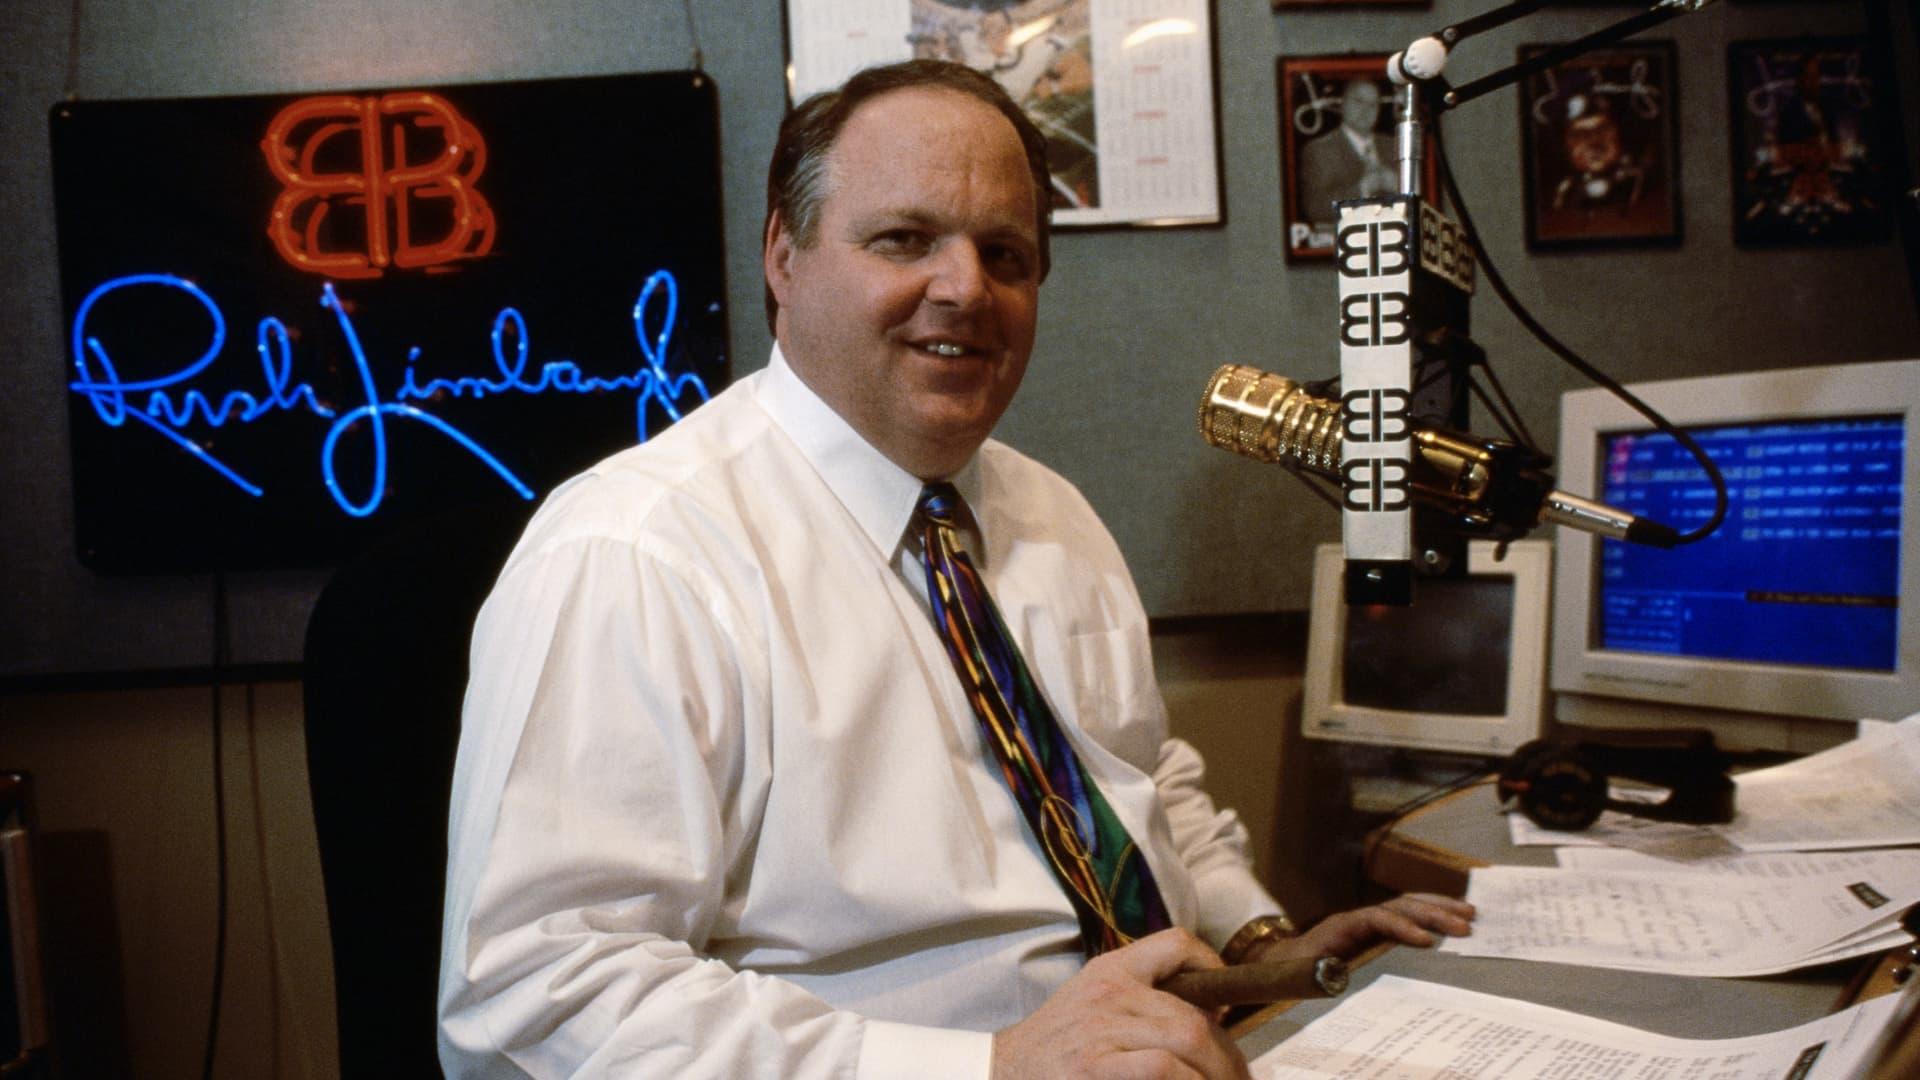 Rush Limbaugh in his radio studio in 1995.